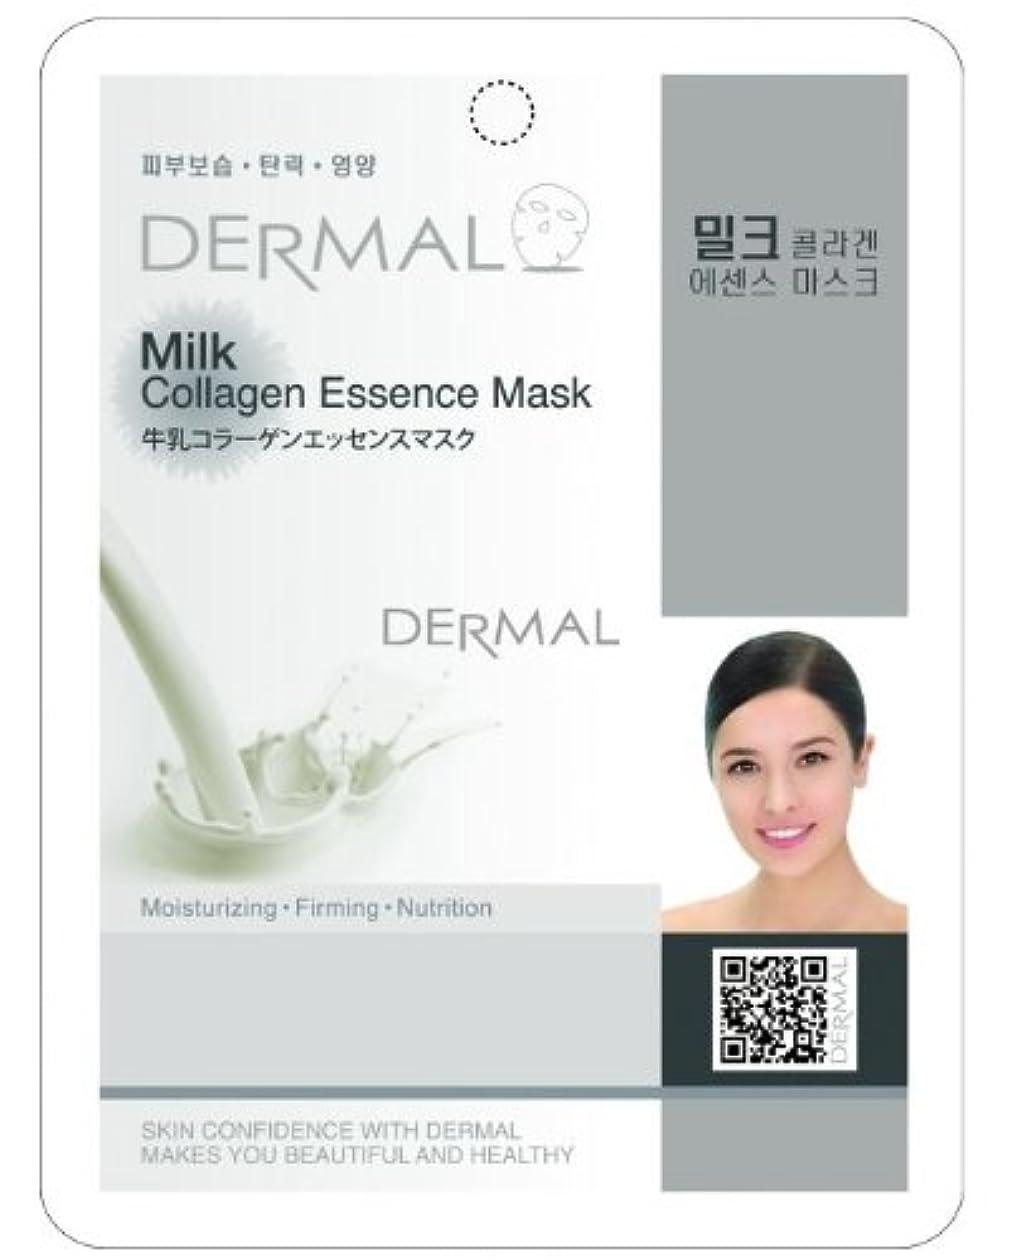 悪化するアミューズメントキリンミルクシートマスク(フェイスパック) 100枚セット ダーマル(Dermal)